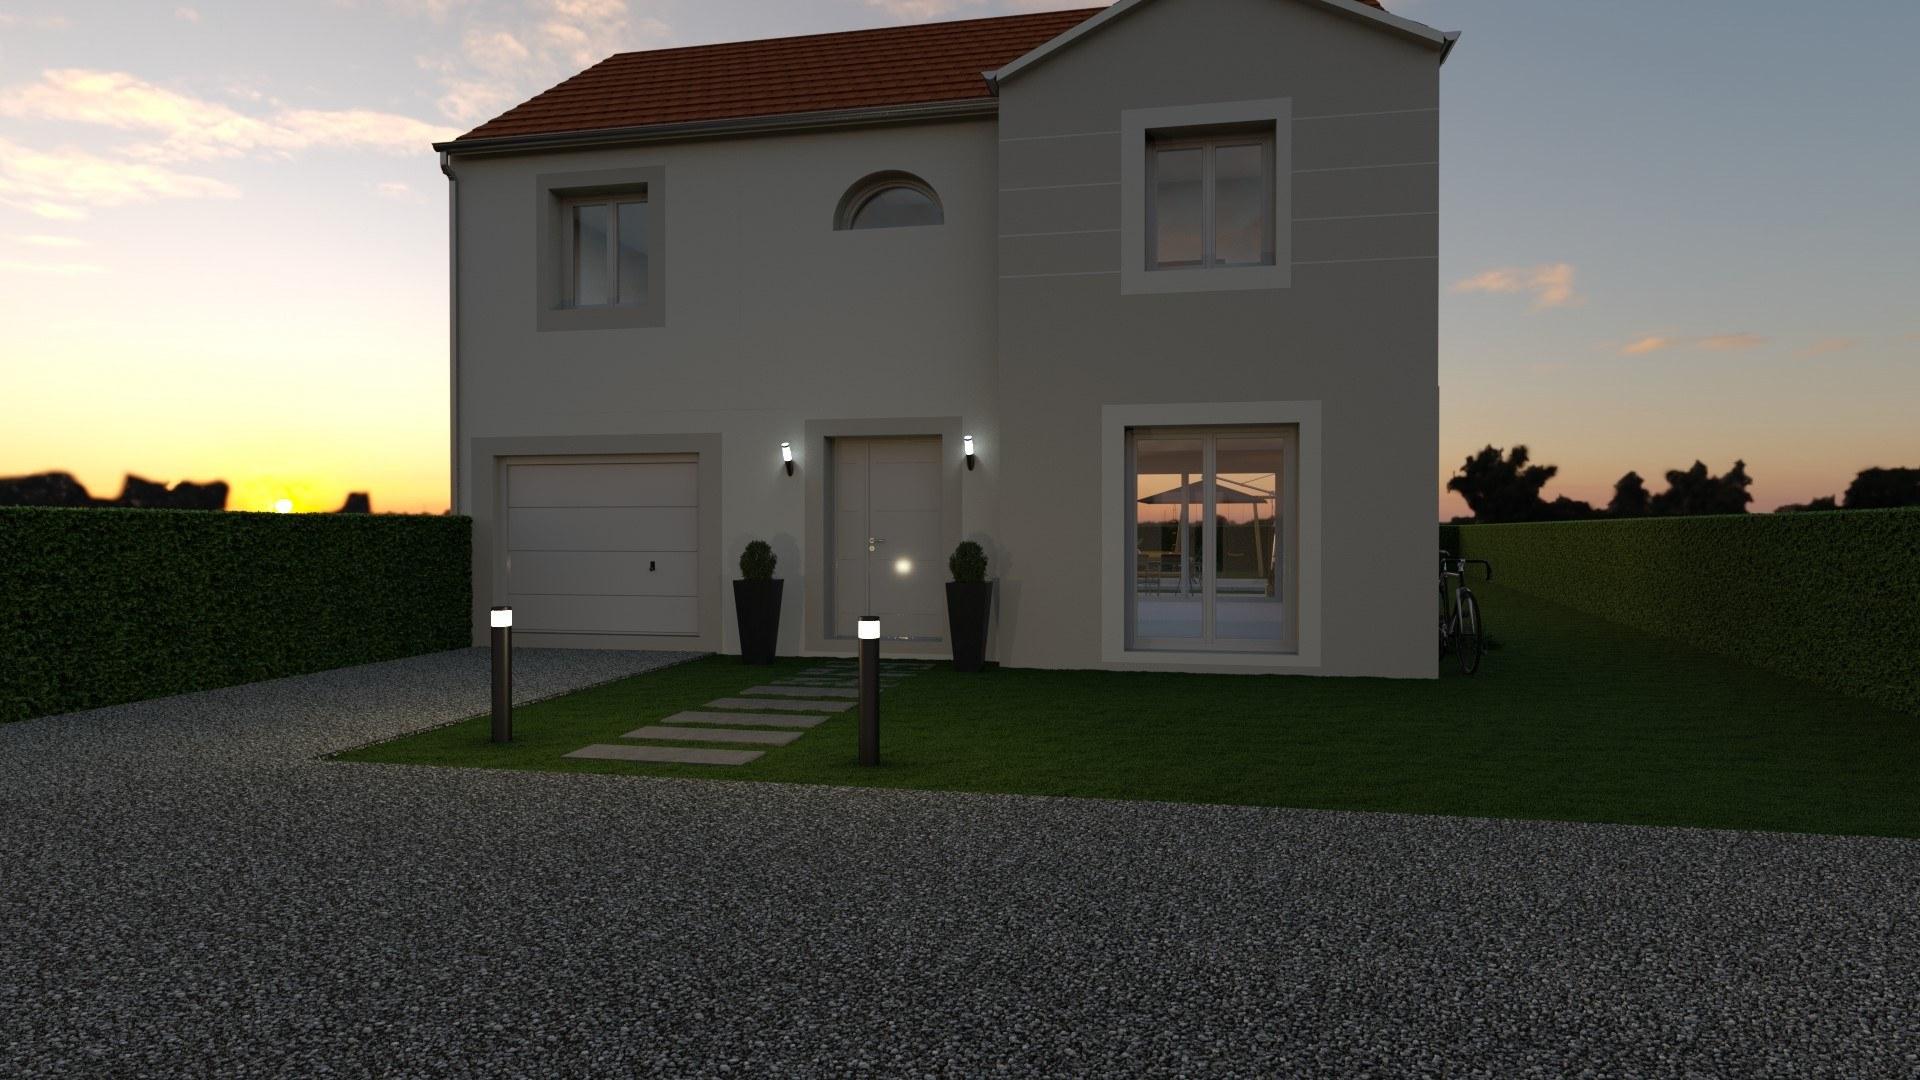 Maisons + Terrains du constructeur MAISON FAMILIALE • 150 m² • MOUROUX